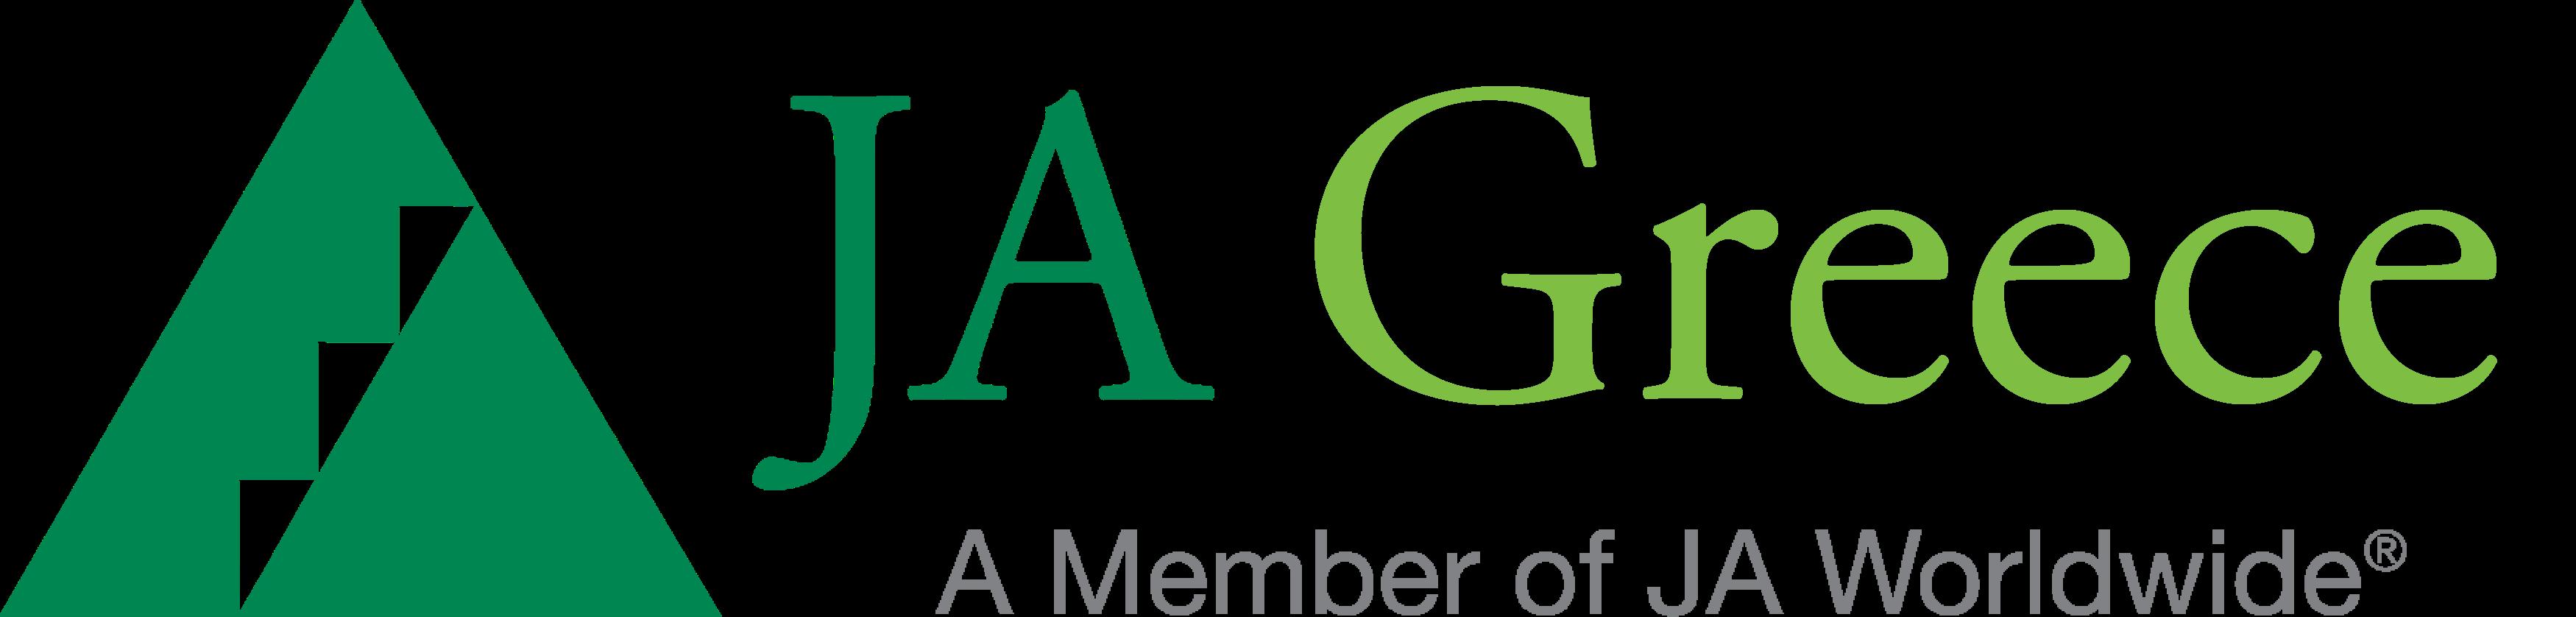 JA Greece logo